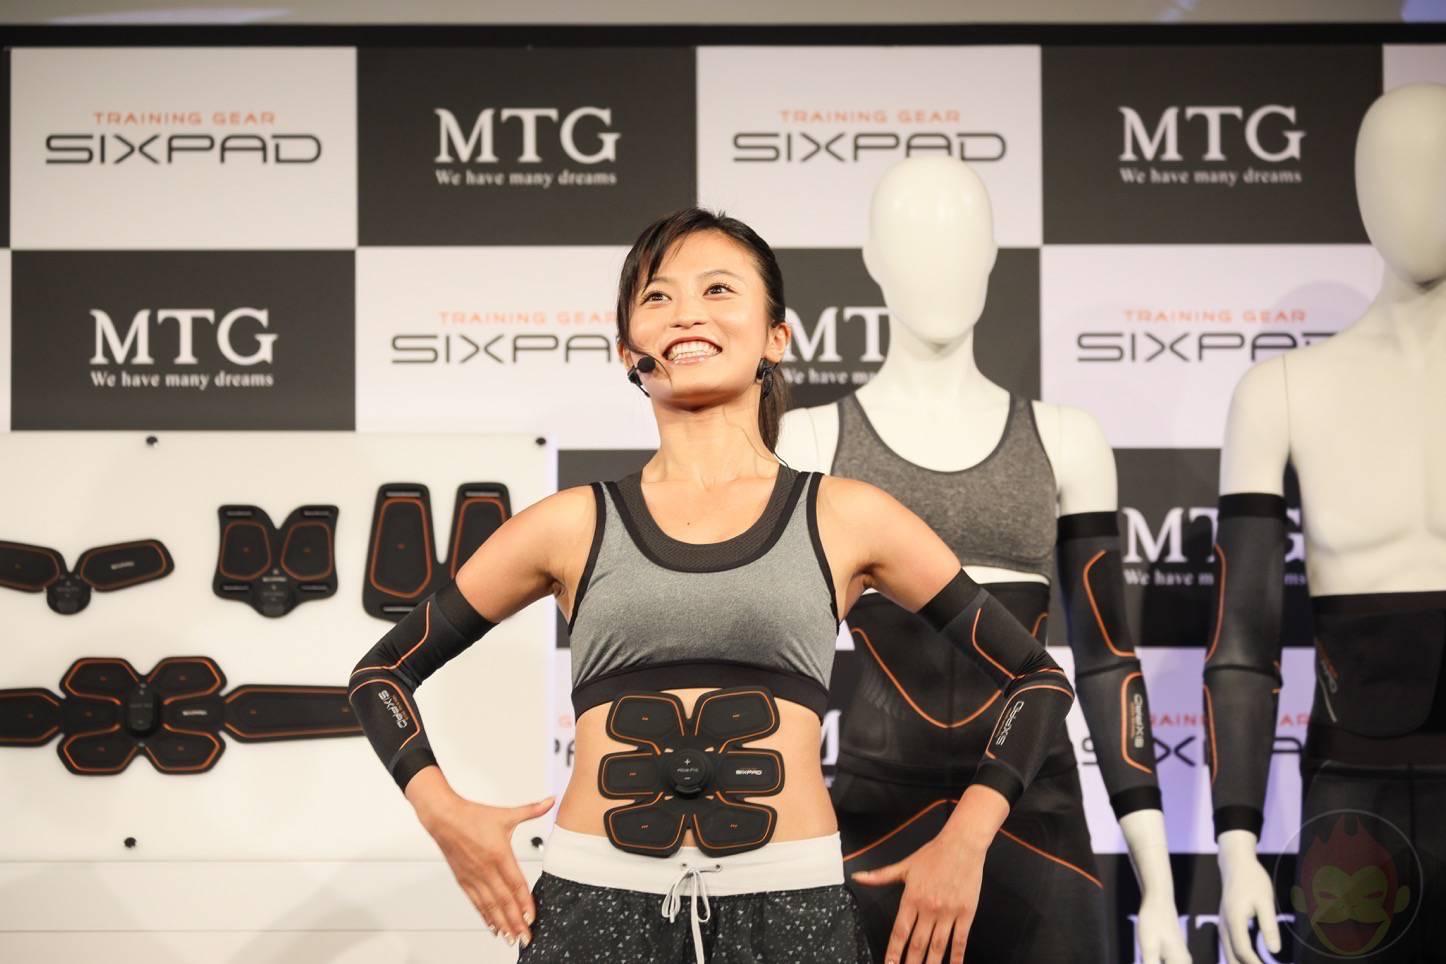 MTG-SIXPAD-New-Products-KojiRuri-Ishikawa-72.jpg